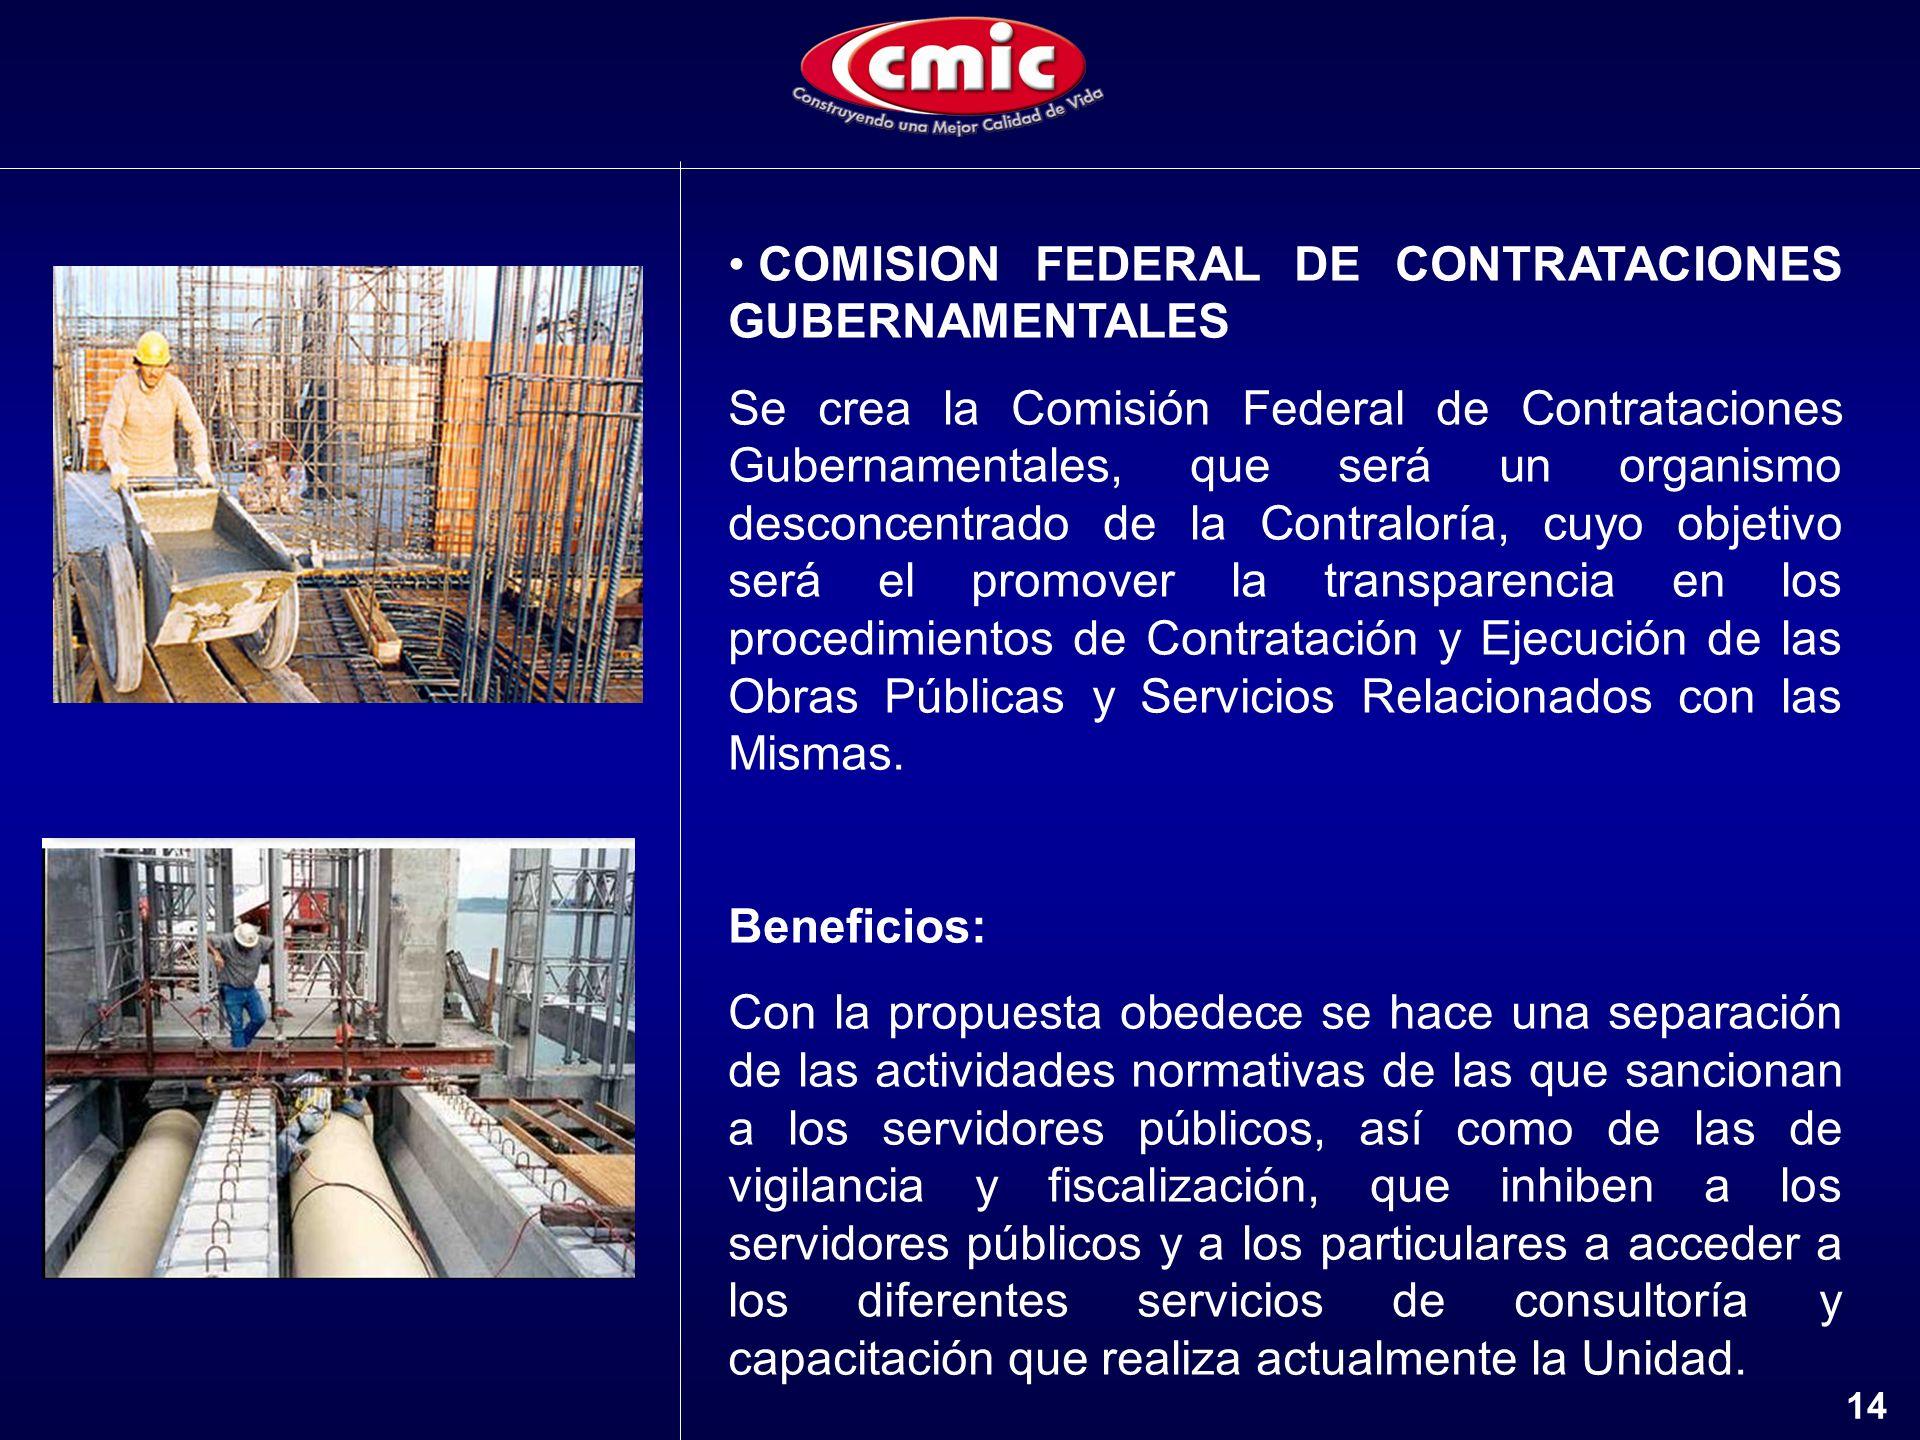 COMISION FEDERAL DE CONTRATACIONES GUBERNAMENTALES